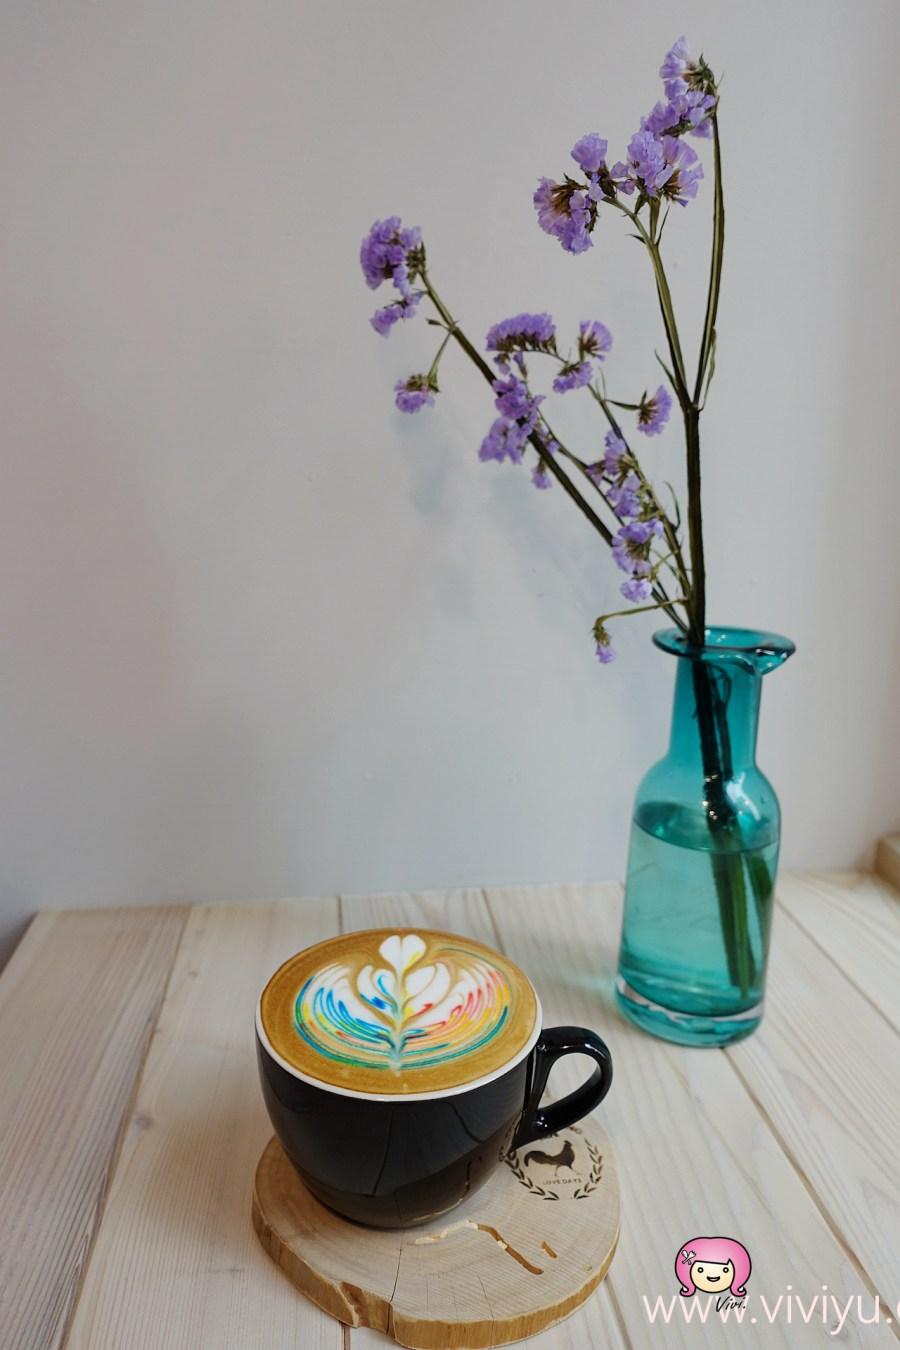 [桃園.美食]未秧咖啡.彩色拉花咖啡~中正藝文特區.荷蘭鬆餅鑄鐵鍋上桌 @VIVIYU小世界